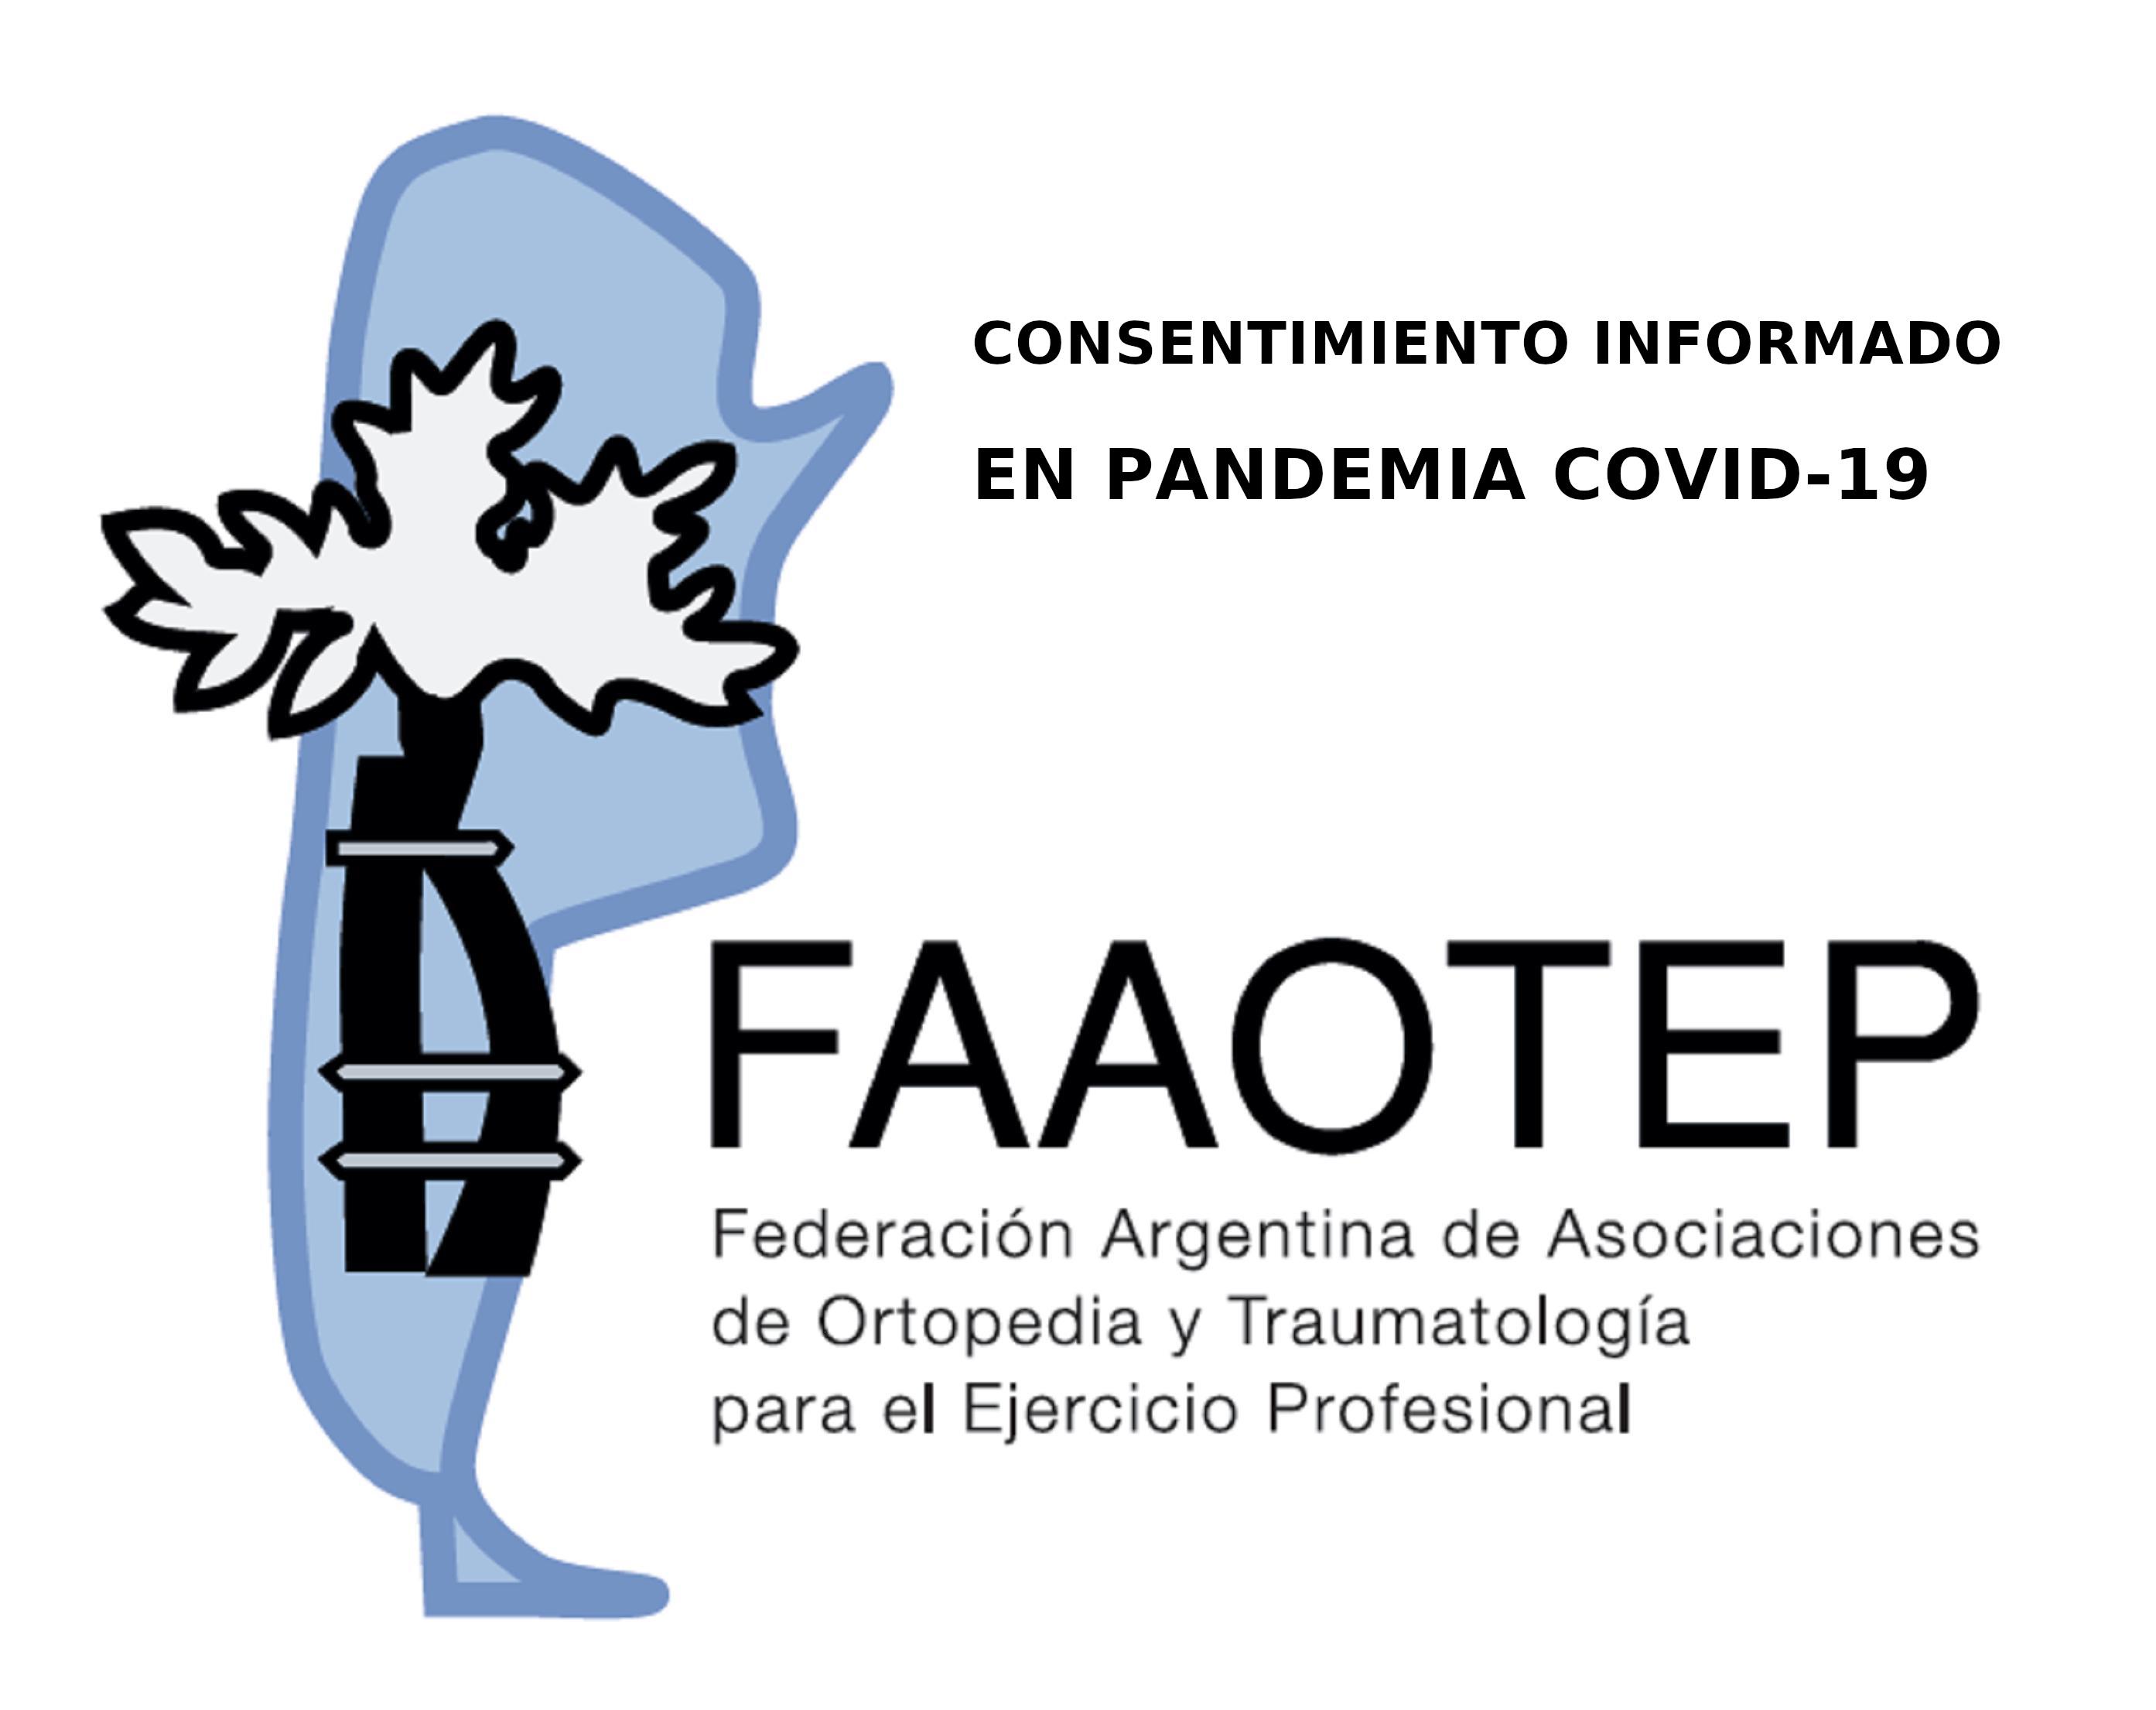 CONSENTIMIENTO INFORMADO EN PANDEMIA COVID-19